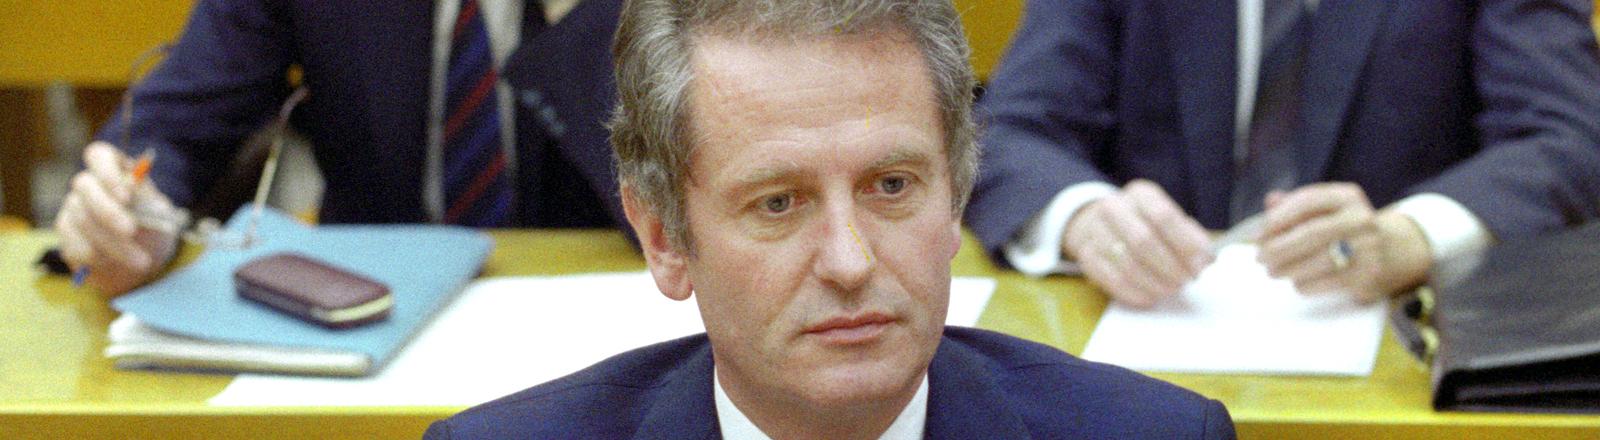 Uwe Barschel, schleswig-holsteinischer Ministerpräsident a.D., bei der konstituierenden Sitzung des schleswig-holsteinischen Landtags am 02.10.1987 in Kiel.